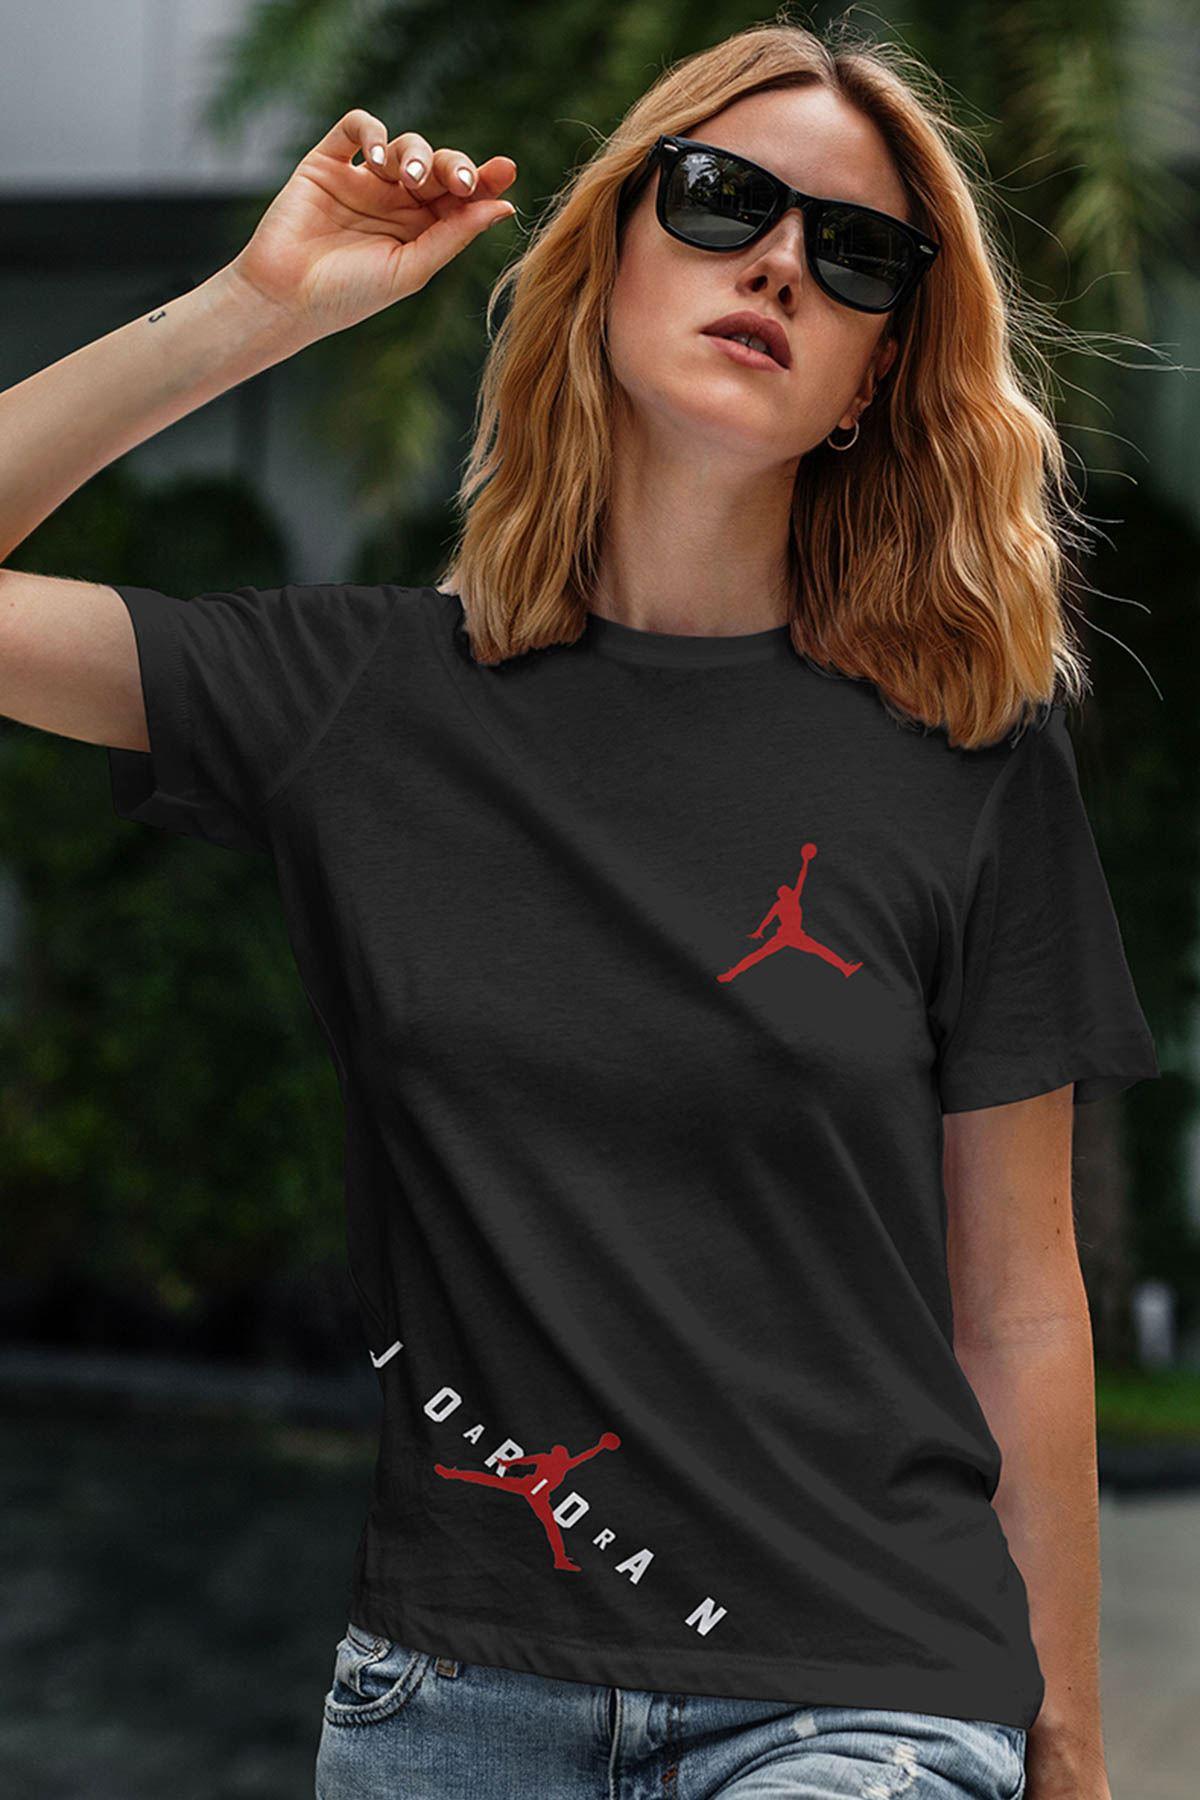 Air Jordan 23 Siyah NBA Kadın Tshirt - Tişört